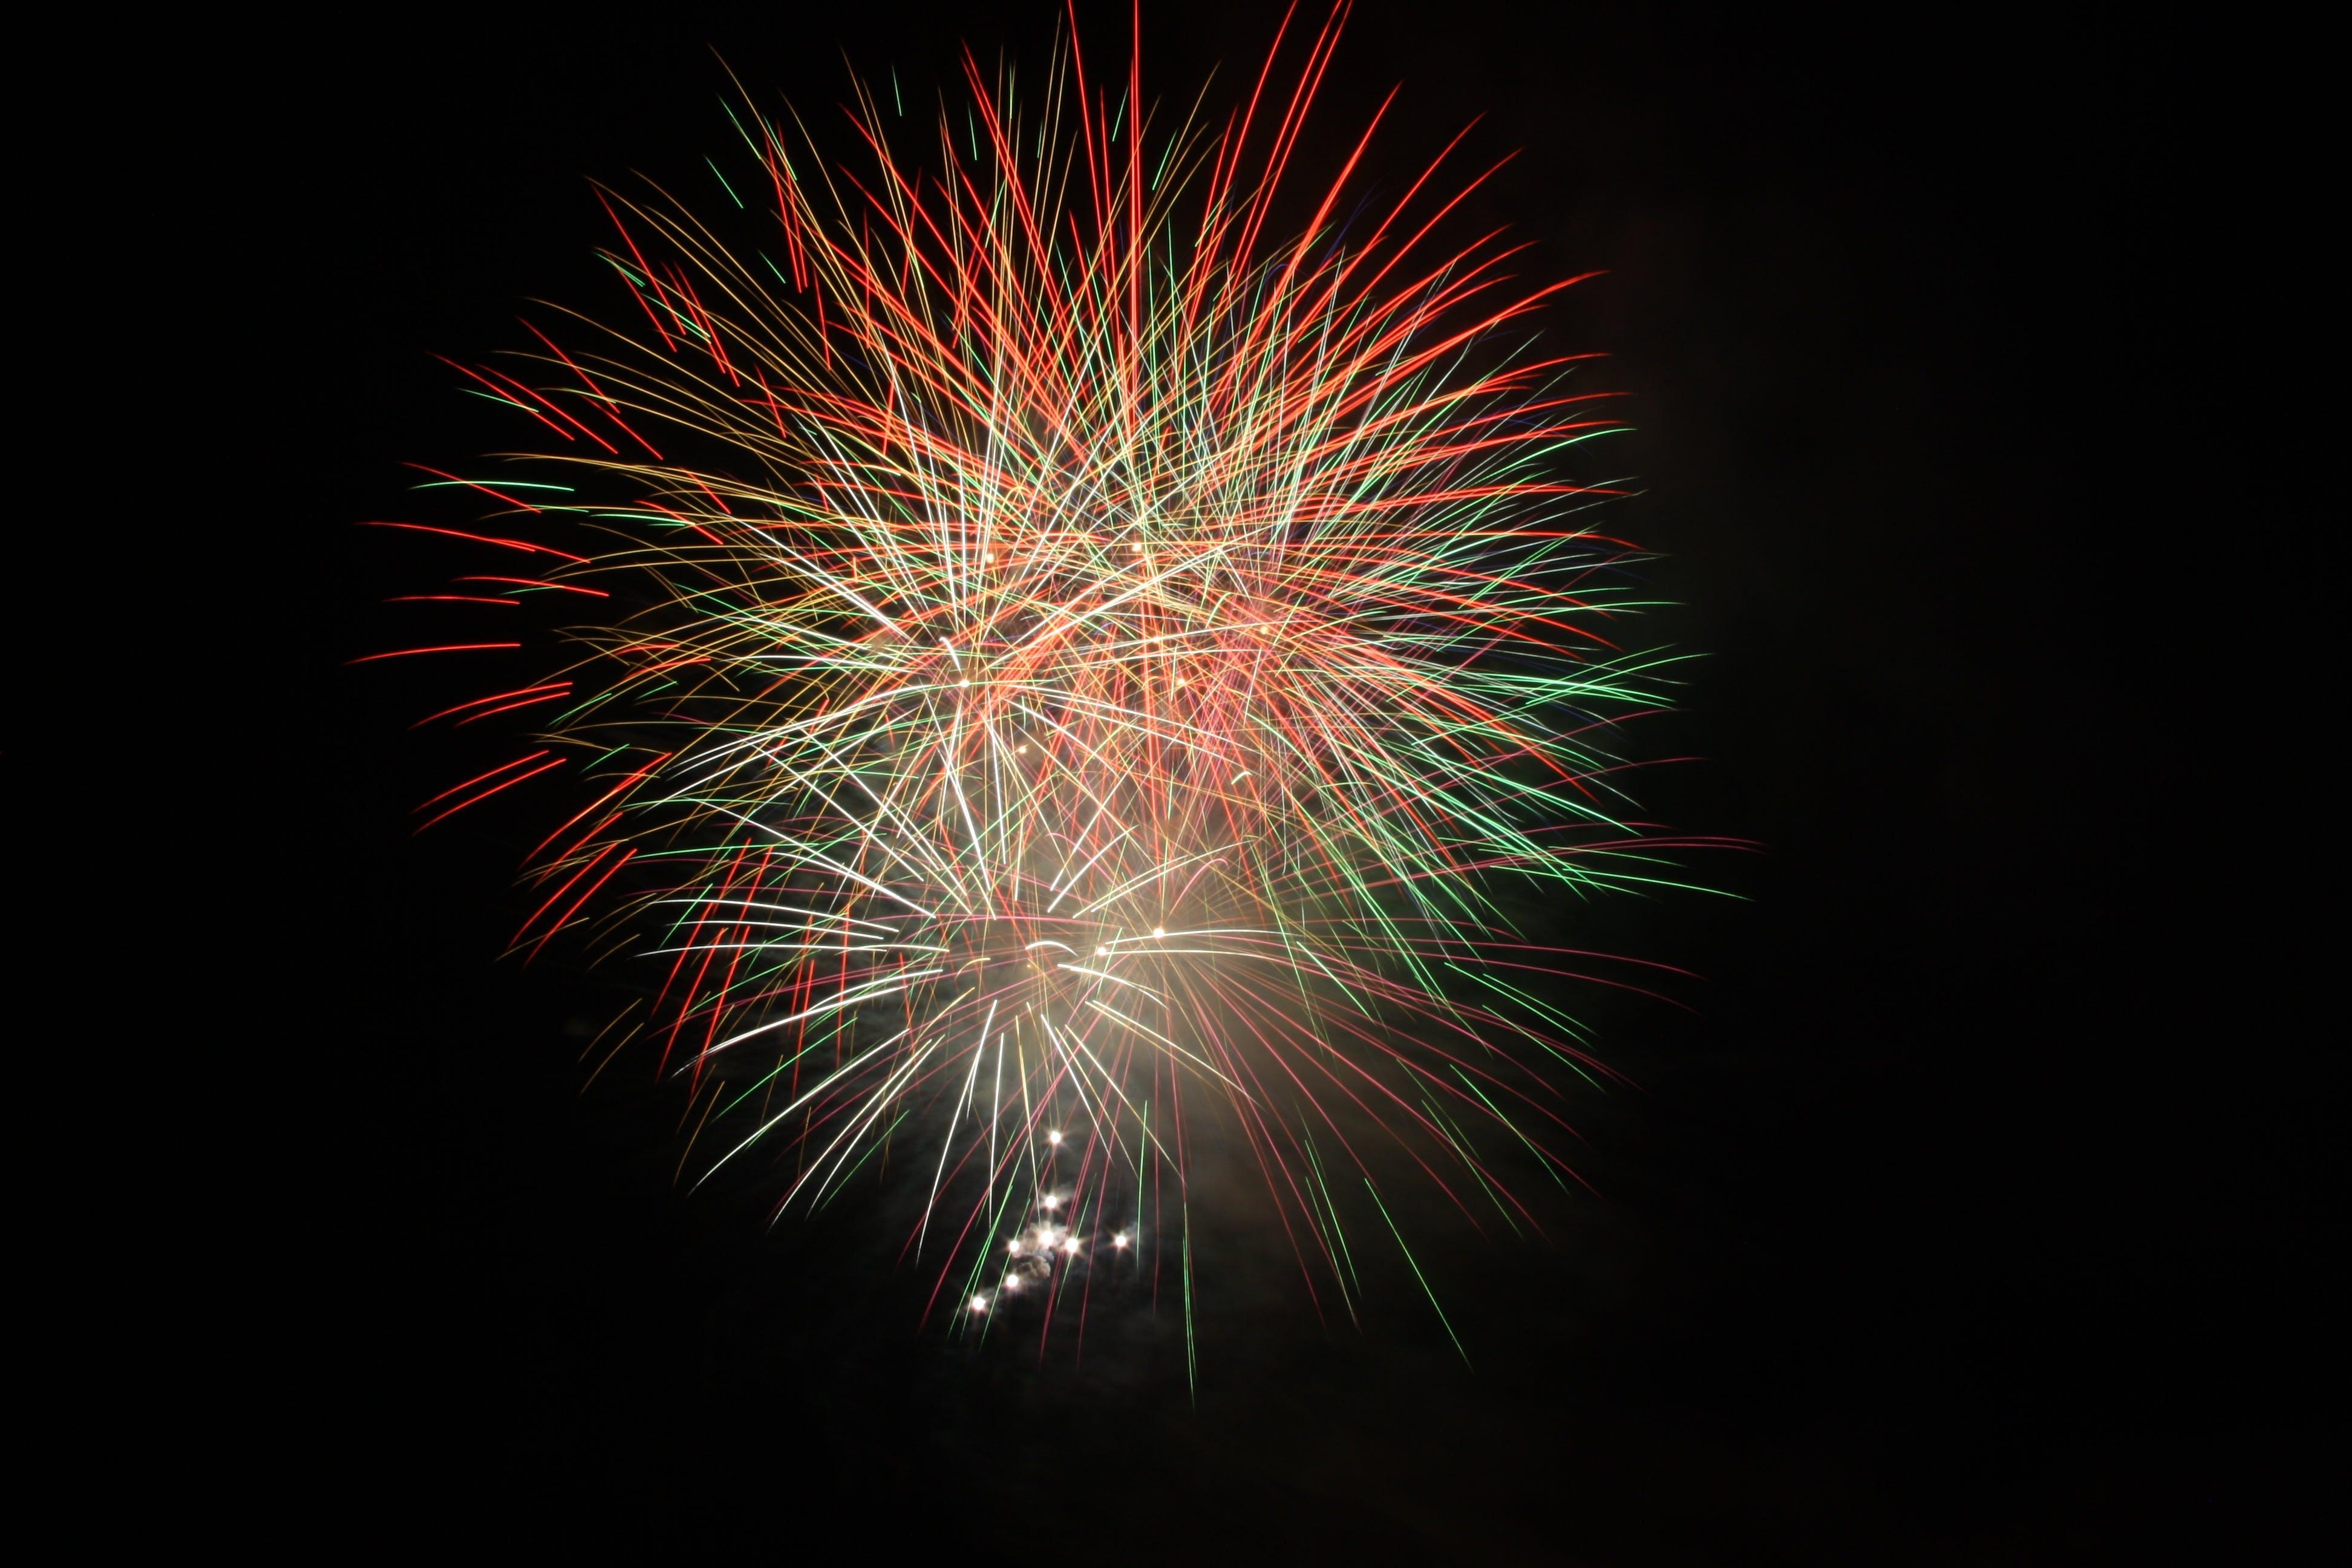 Immagine gratuita di bellissimo, capodanno, celebrazione, colorato